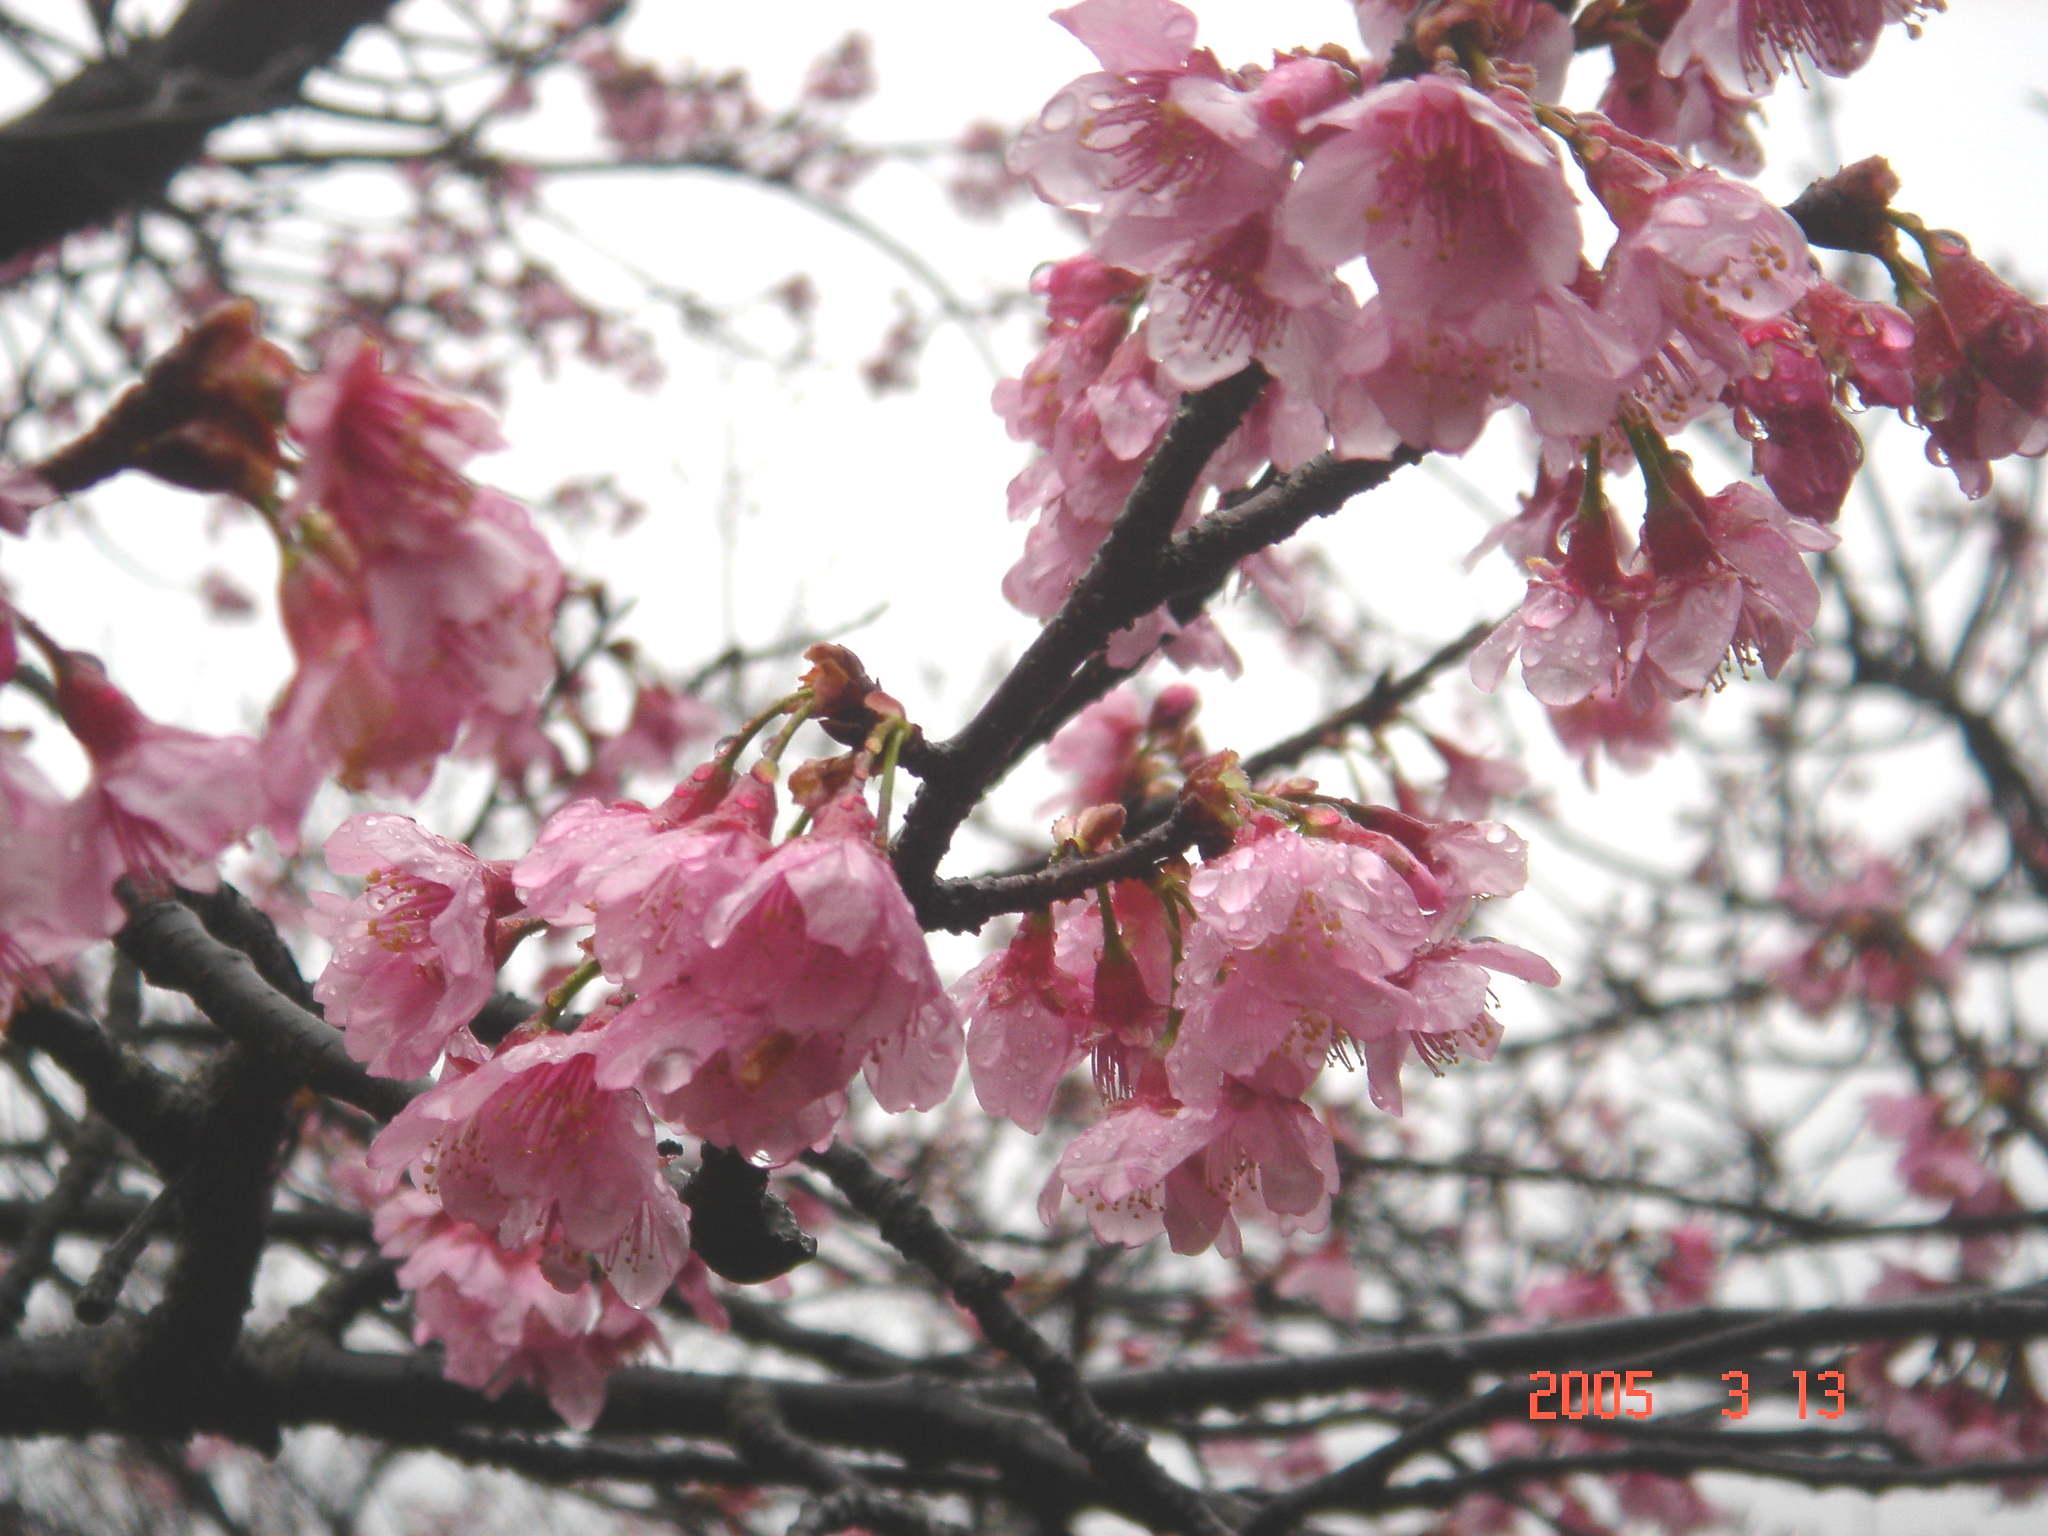 樱花][花朵][向日葵] 向日葵简笔画梵高向日葵美女私